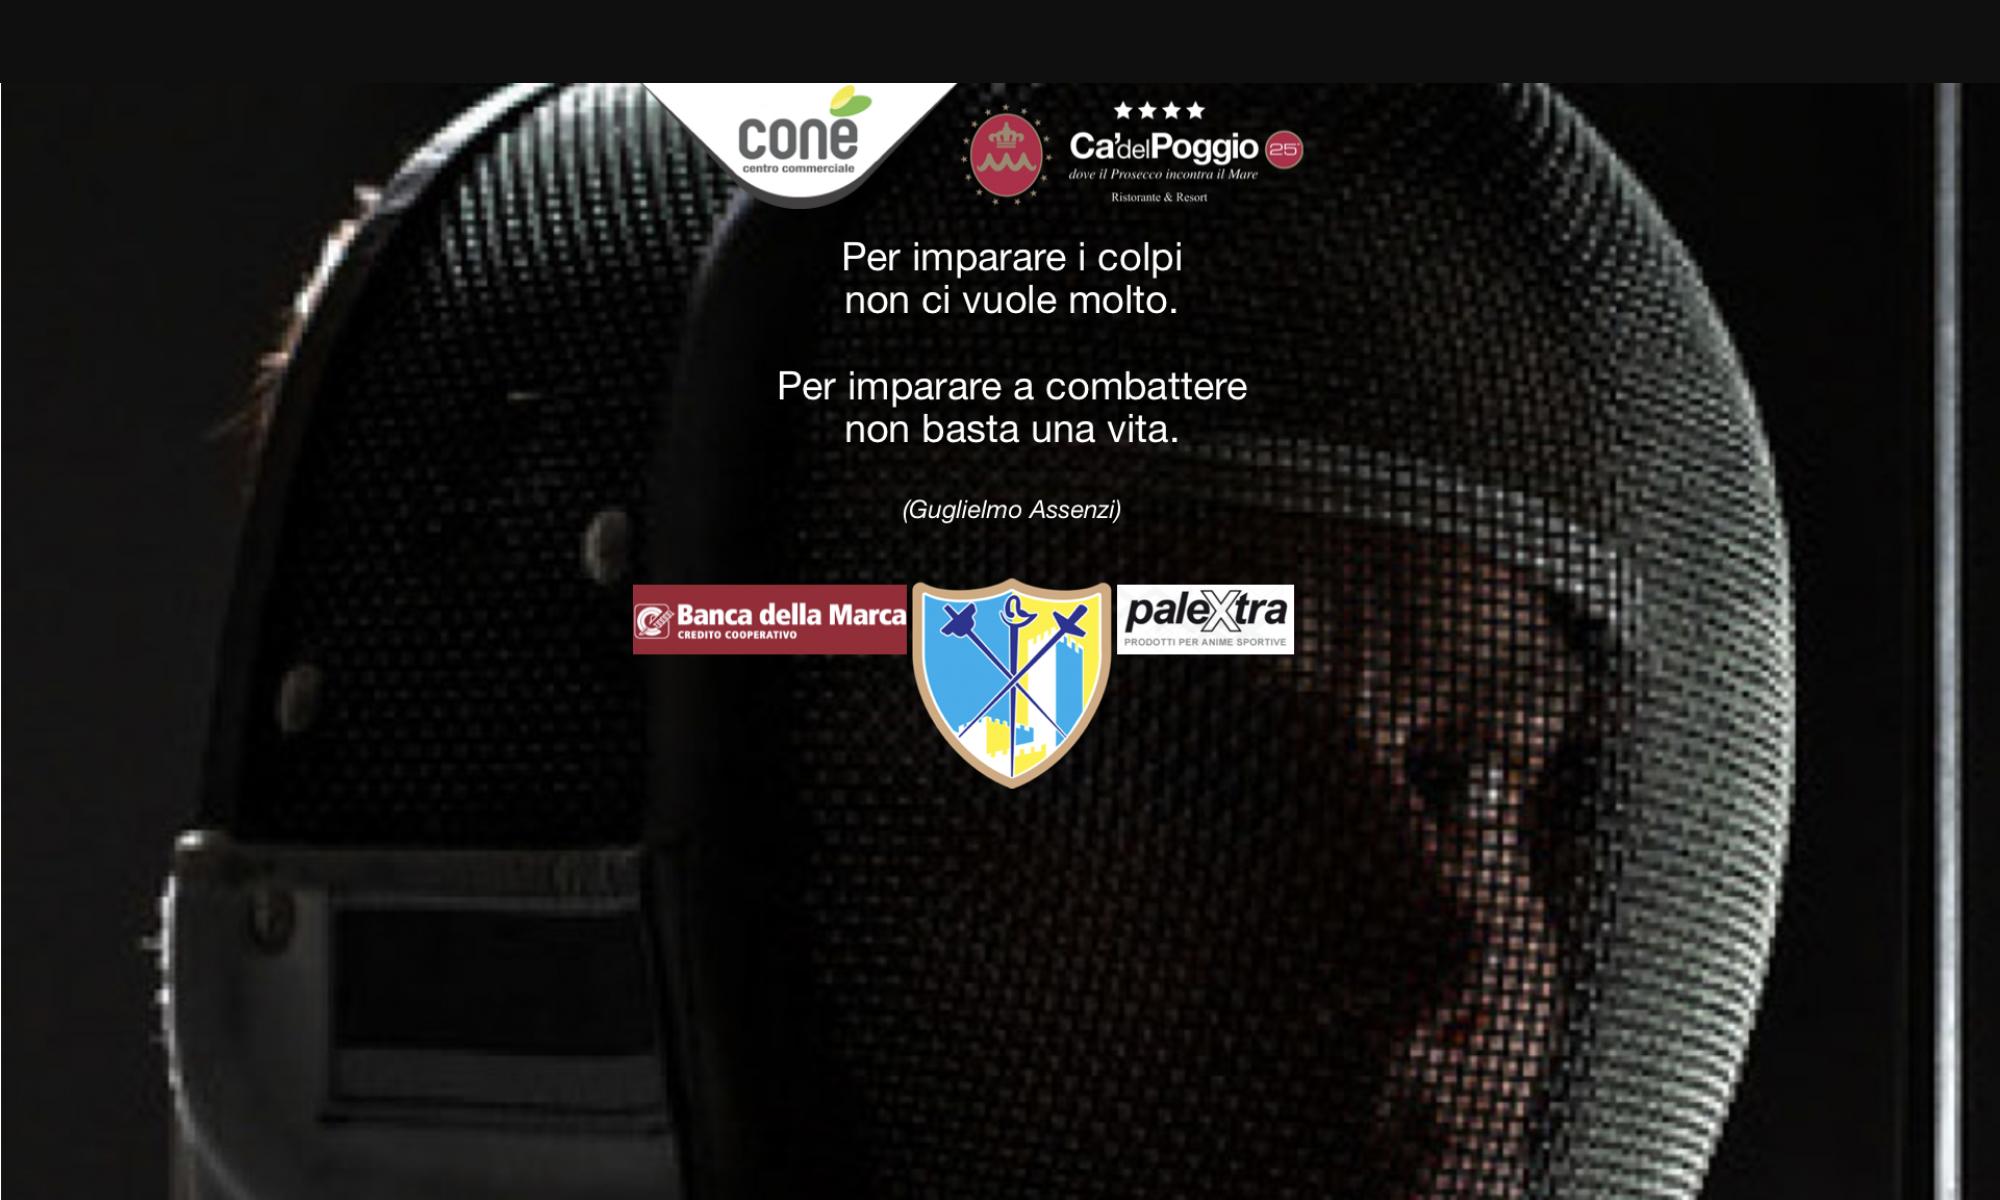 Scherma Conegliano